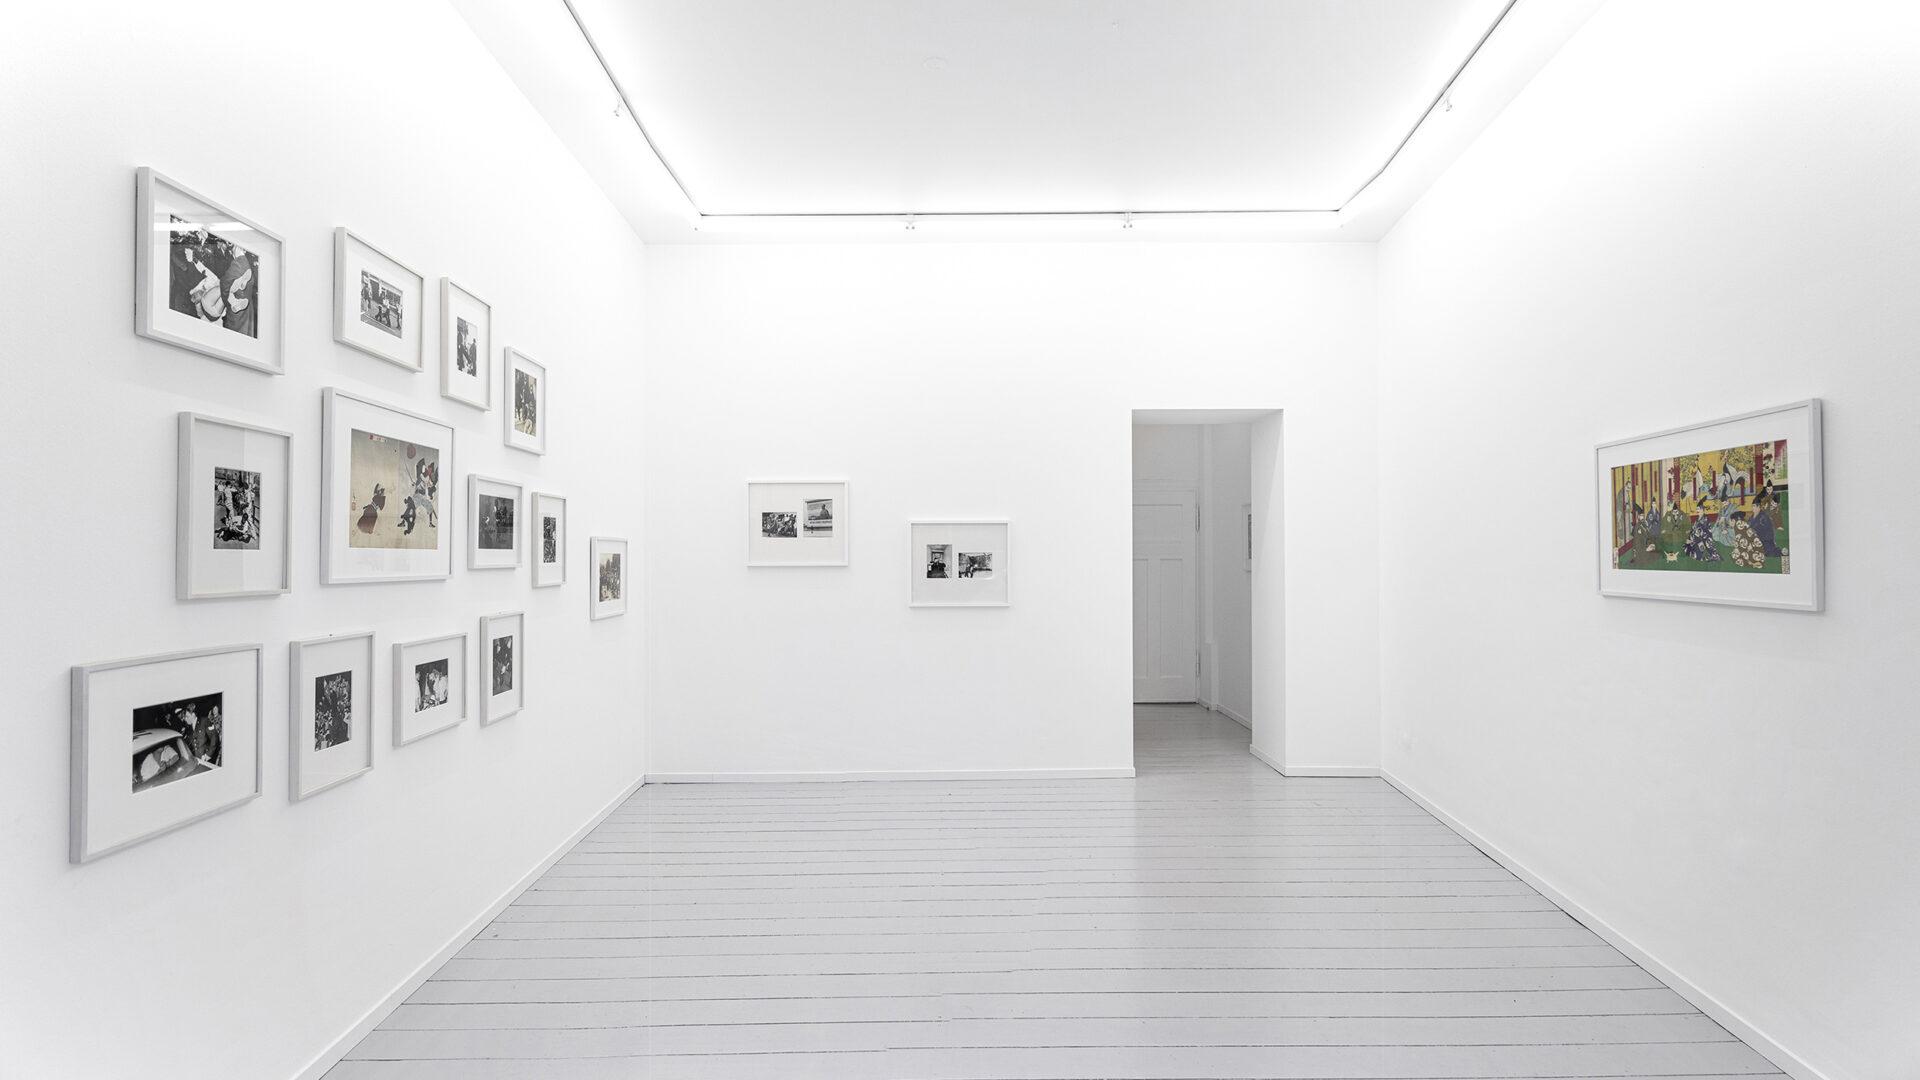 Exhibition view | In The Darkness | Photo: Johannes Pöttgens